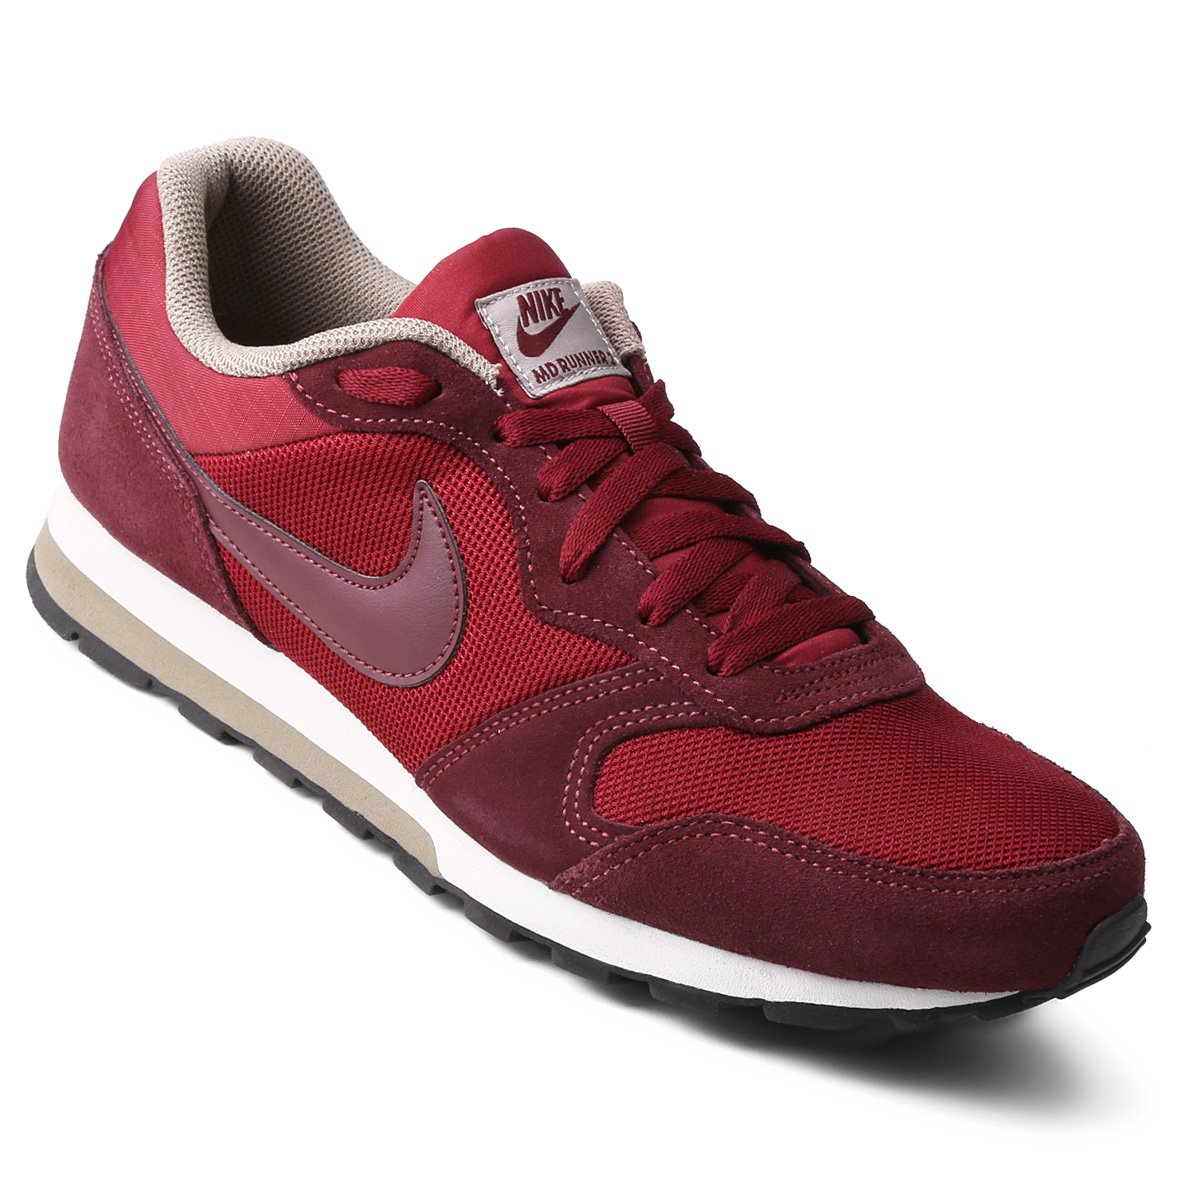 b96305152 Tênis Nike Md Runner 2 Masculino - Vermelho e Vinho - Compre Agora ...